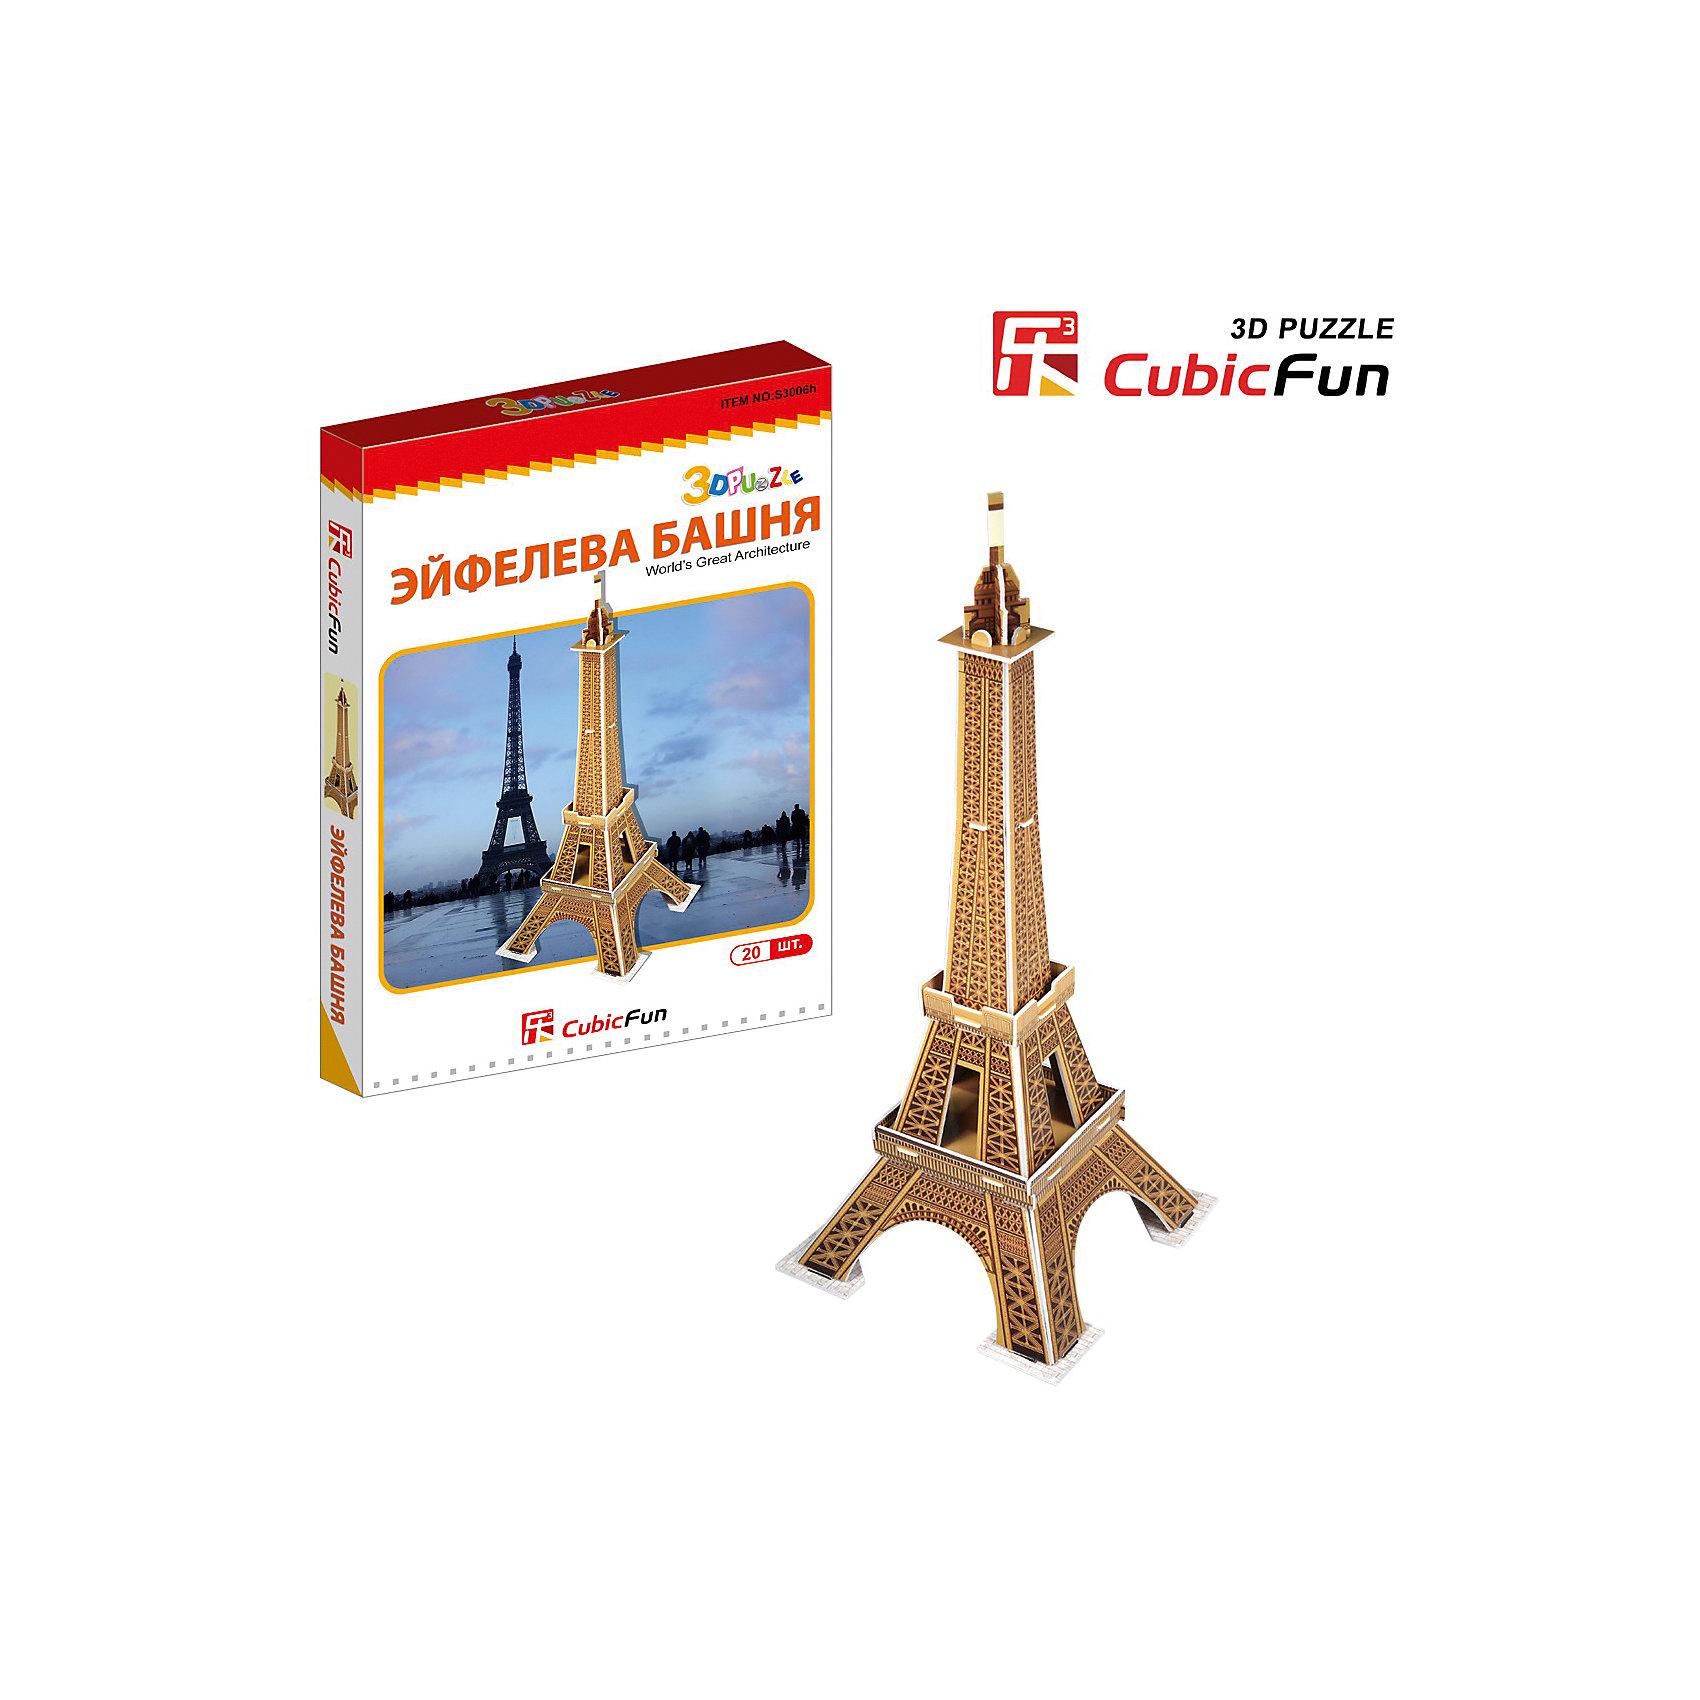 CubicFun Пазл 3D Эйфелева башня (Франция) (мини серия), CubicFun cubicfun 3d пазл эйфелева башня 2 франция cubicfun 33 детали